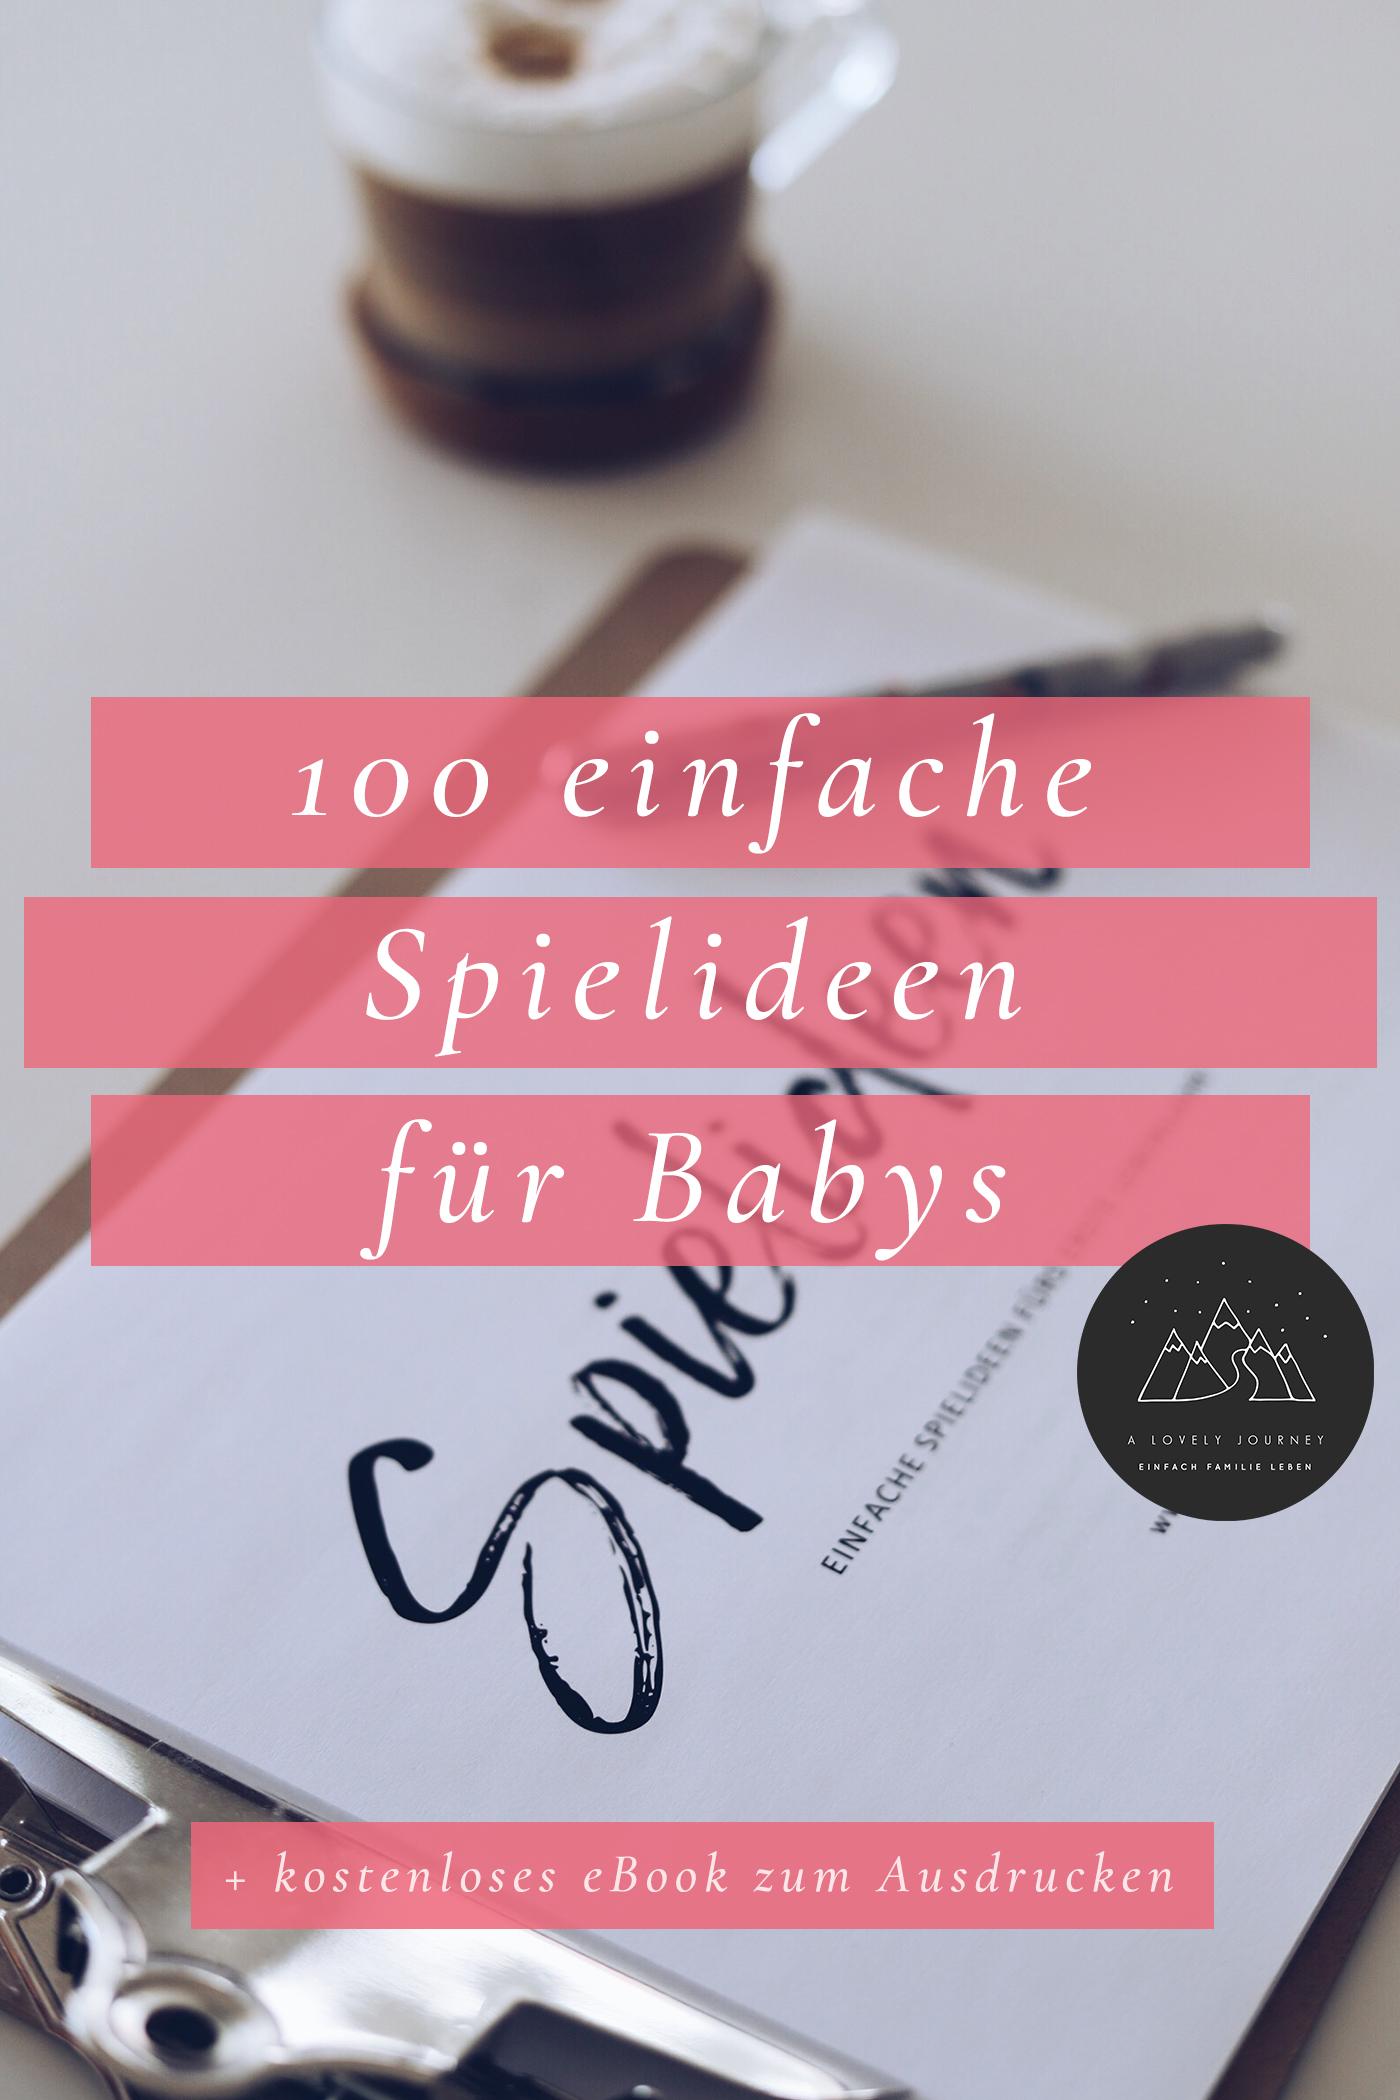 100 einfache Spielideen für Babys - mit kostenlosem eBook zum Ausdrucken